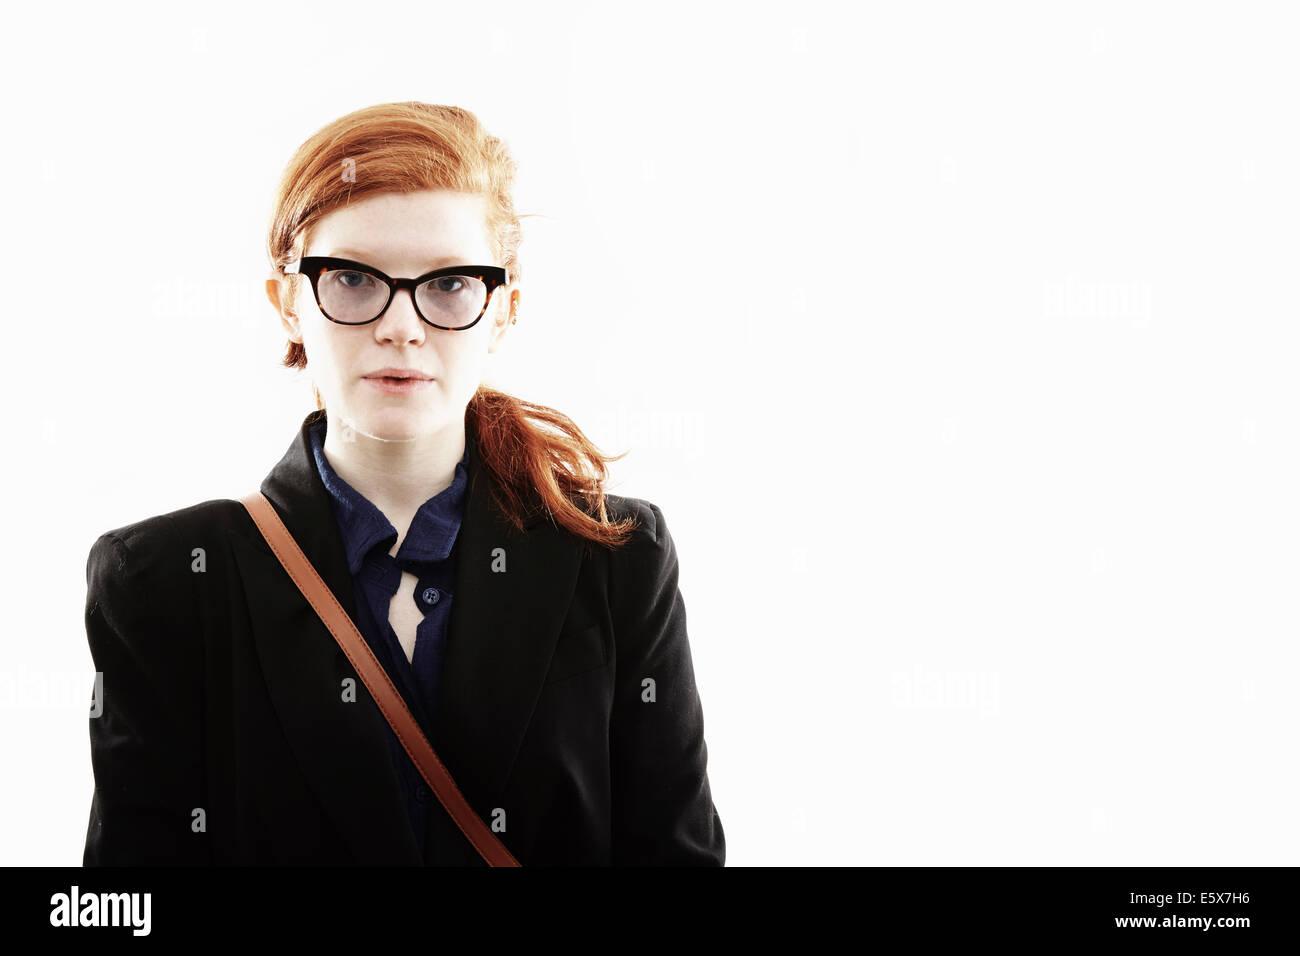 Studio-Porträt der jungen Frau mit Brille und leeren Ausdruck Stockbild